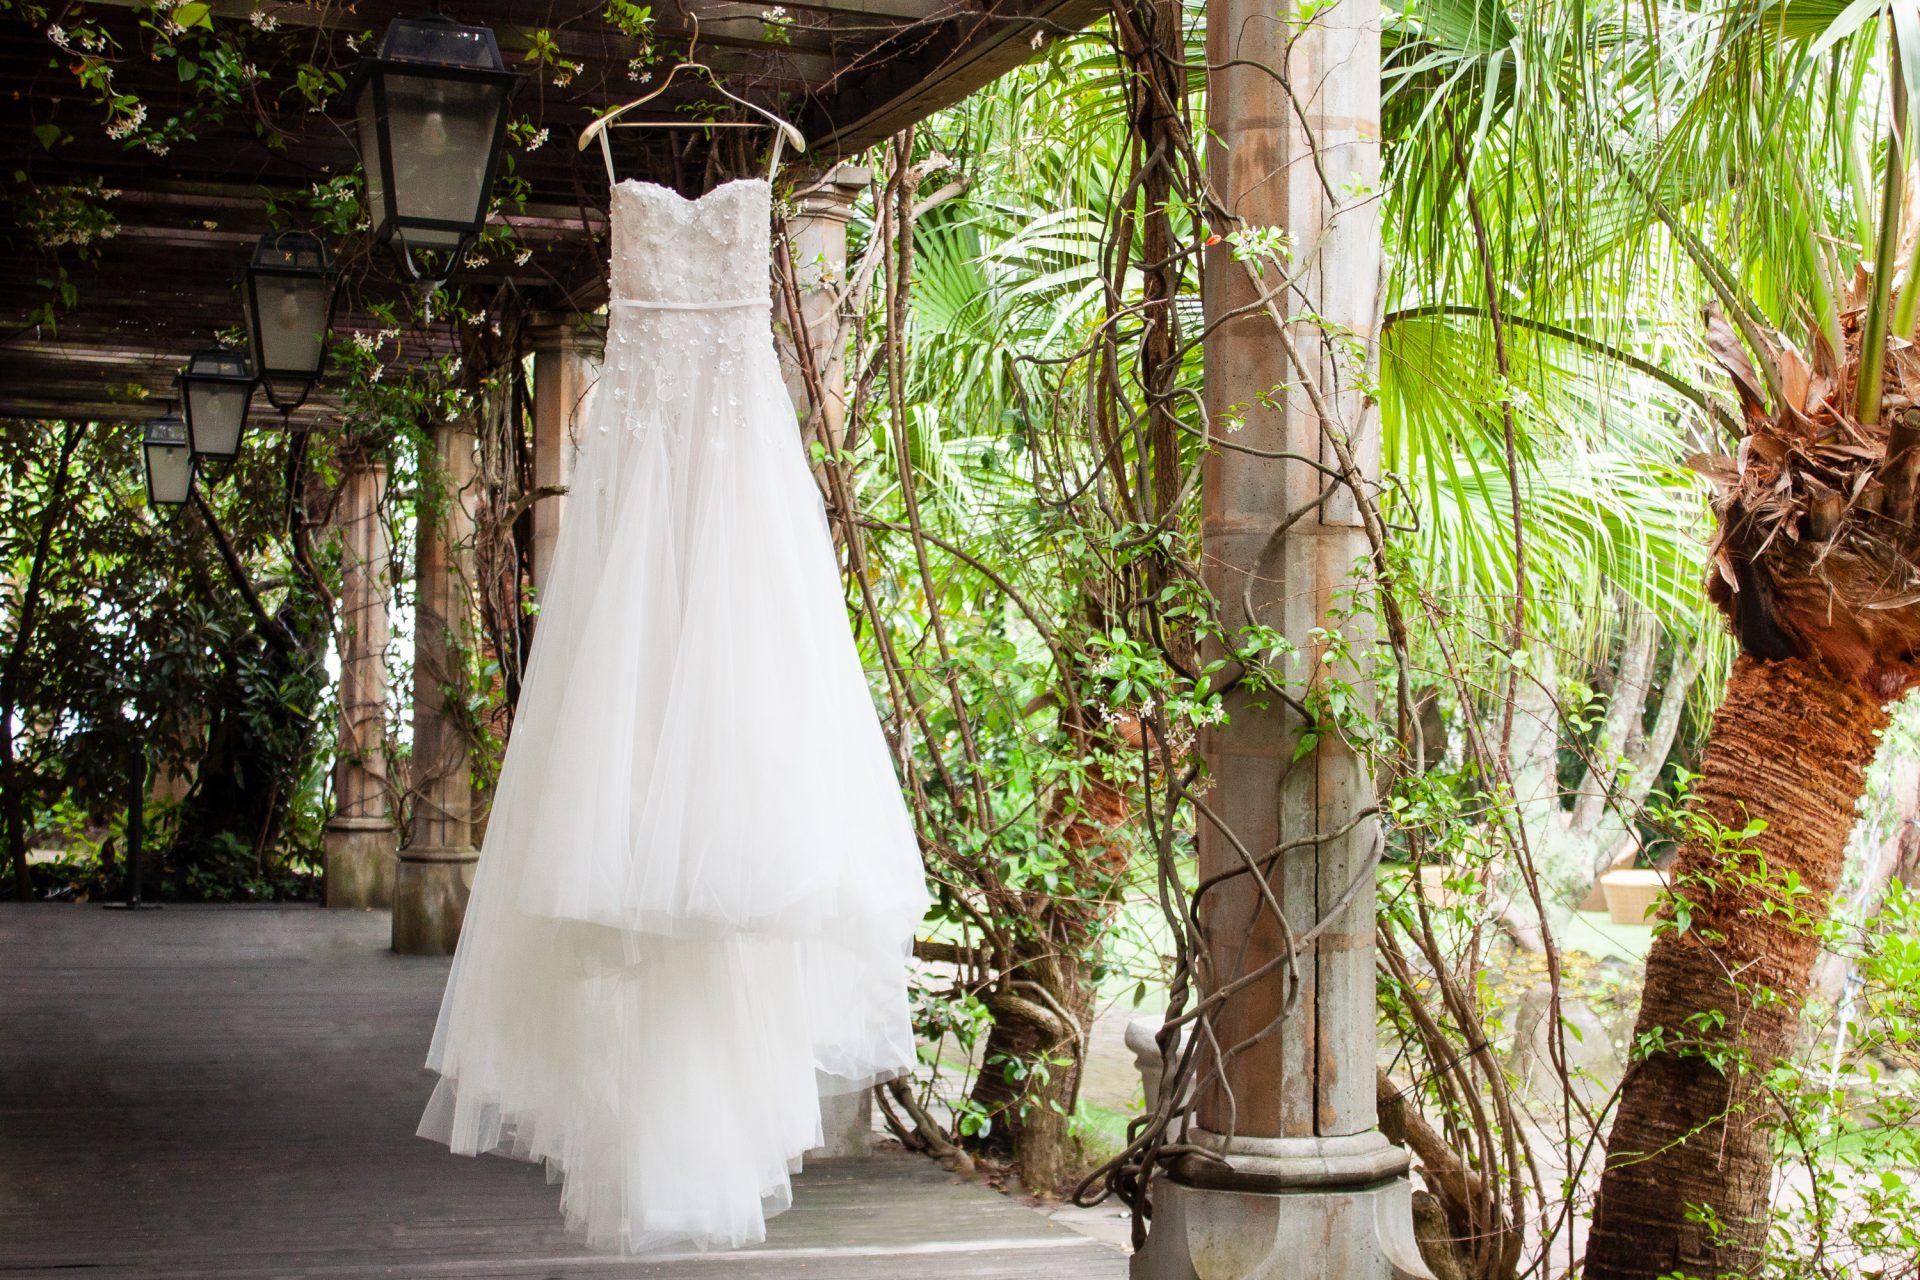 ザ・トリート・ドレッシングの提携会場ザ・ルイガンズにぴったりなミラ・ズウィリンガーのAラインのウェディングドレスはサマーウェディングやガーデンウェディングにぴったり